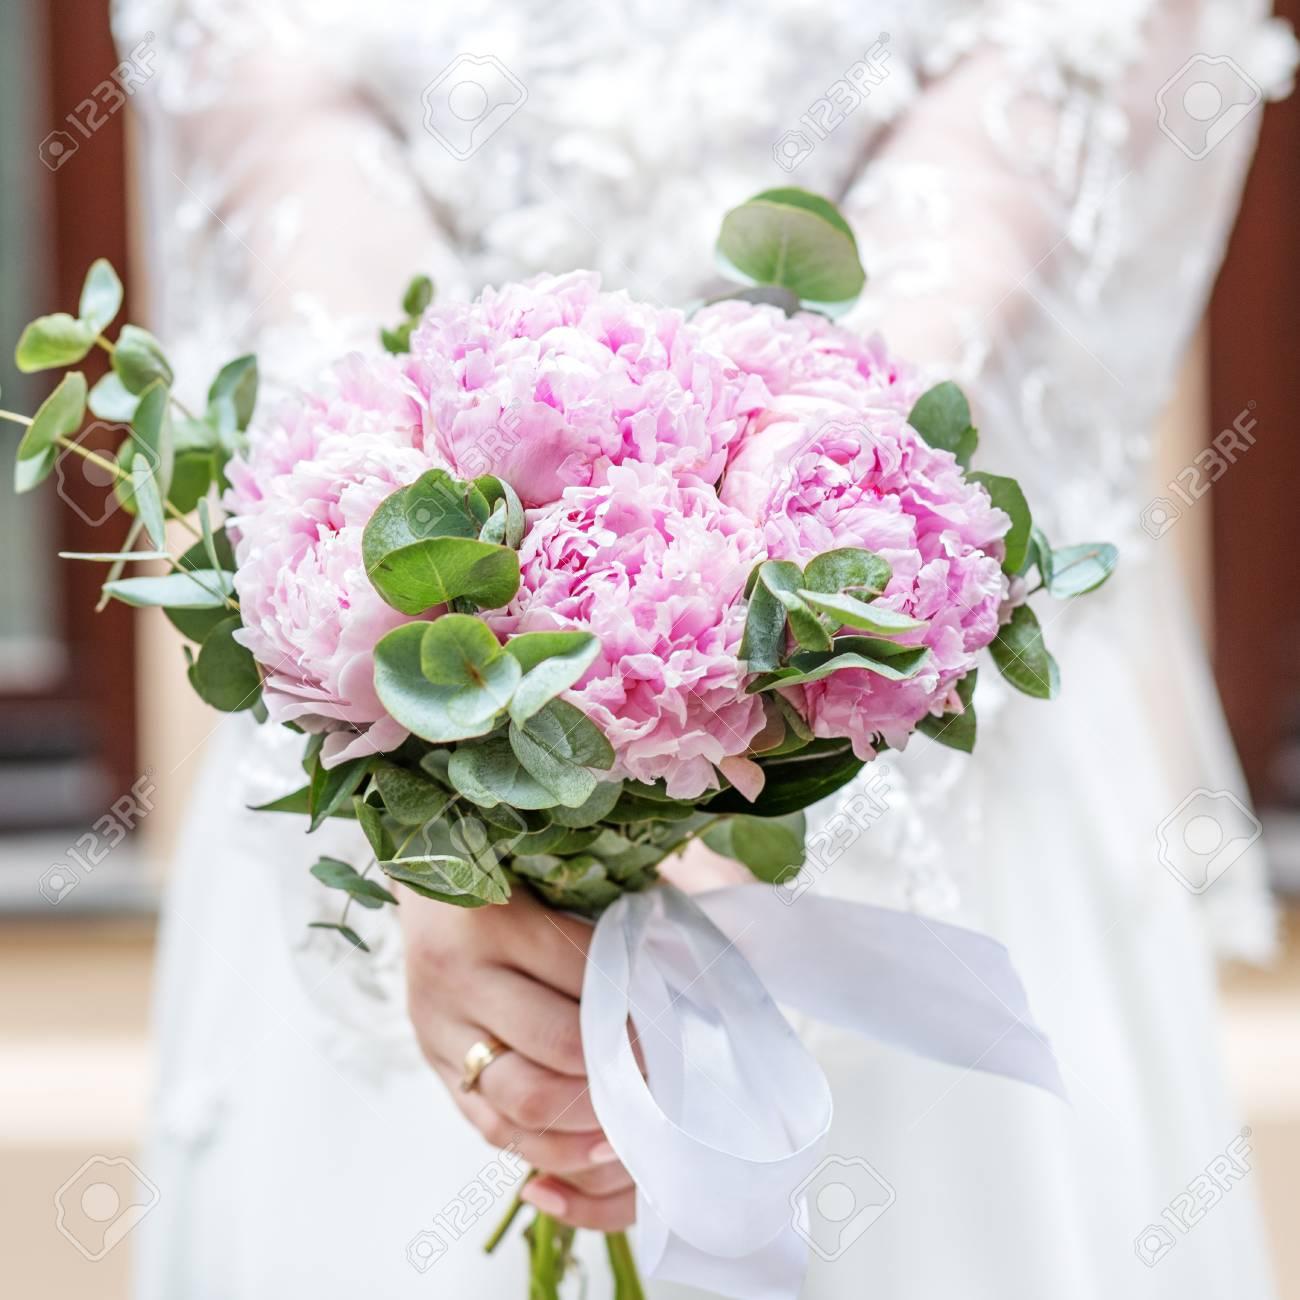 Tutorial Bouquet Sposa.Matrimonio Bouquet Di Fiori Di Rosa Peonia Nelle Mani Della Sposa Il Concetto E Una Vacanza Un Matrimonio Un Matrimonio Una Cerimonia